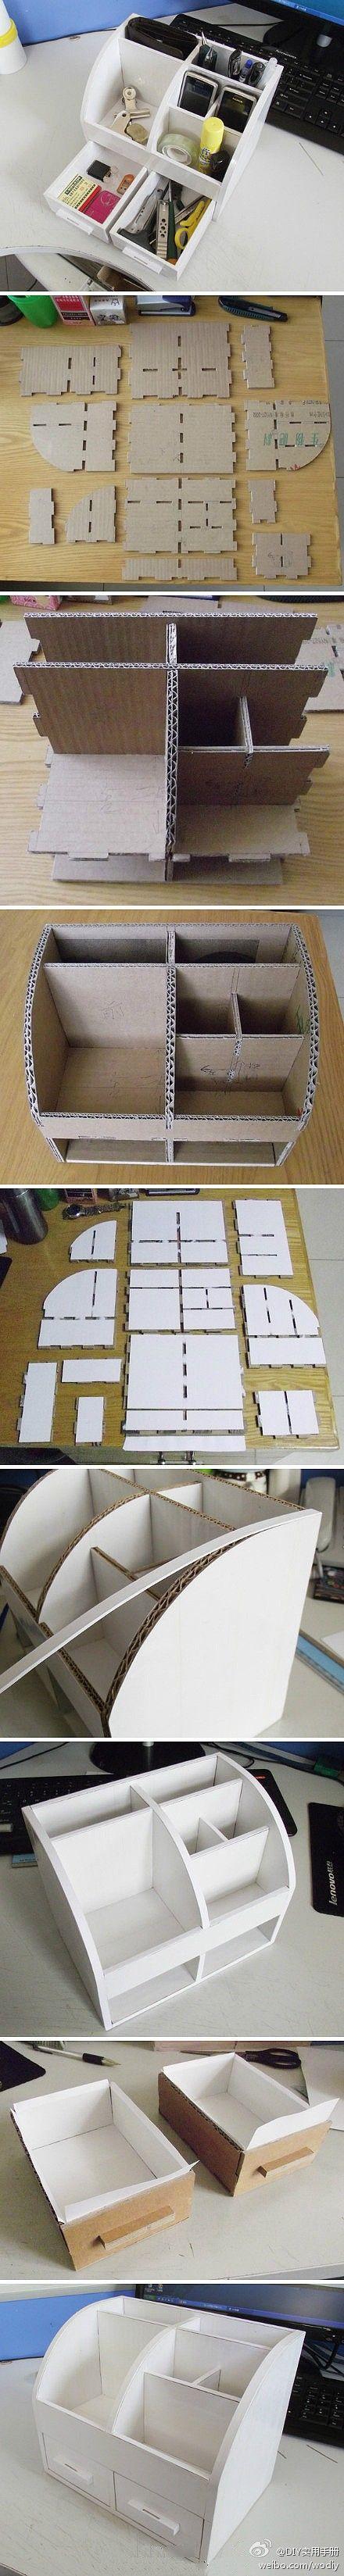 Organizador de escritorio de cartón | Bueno, bonito y barato ~ office organizer DIY: